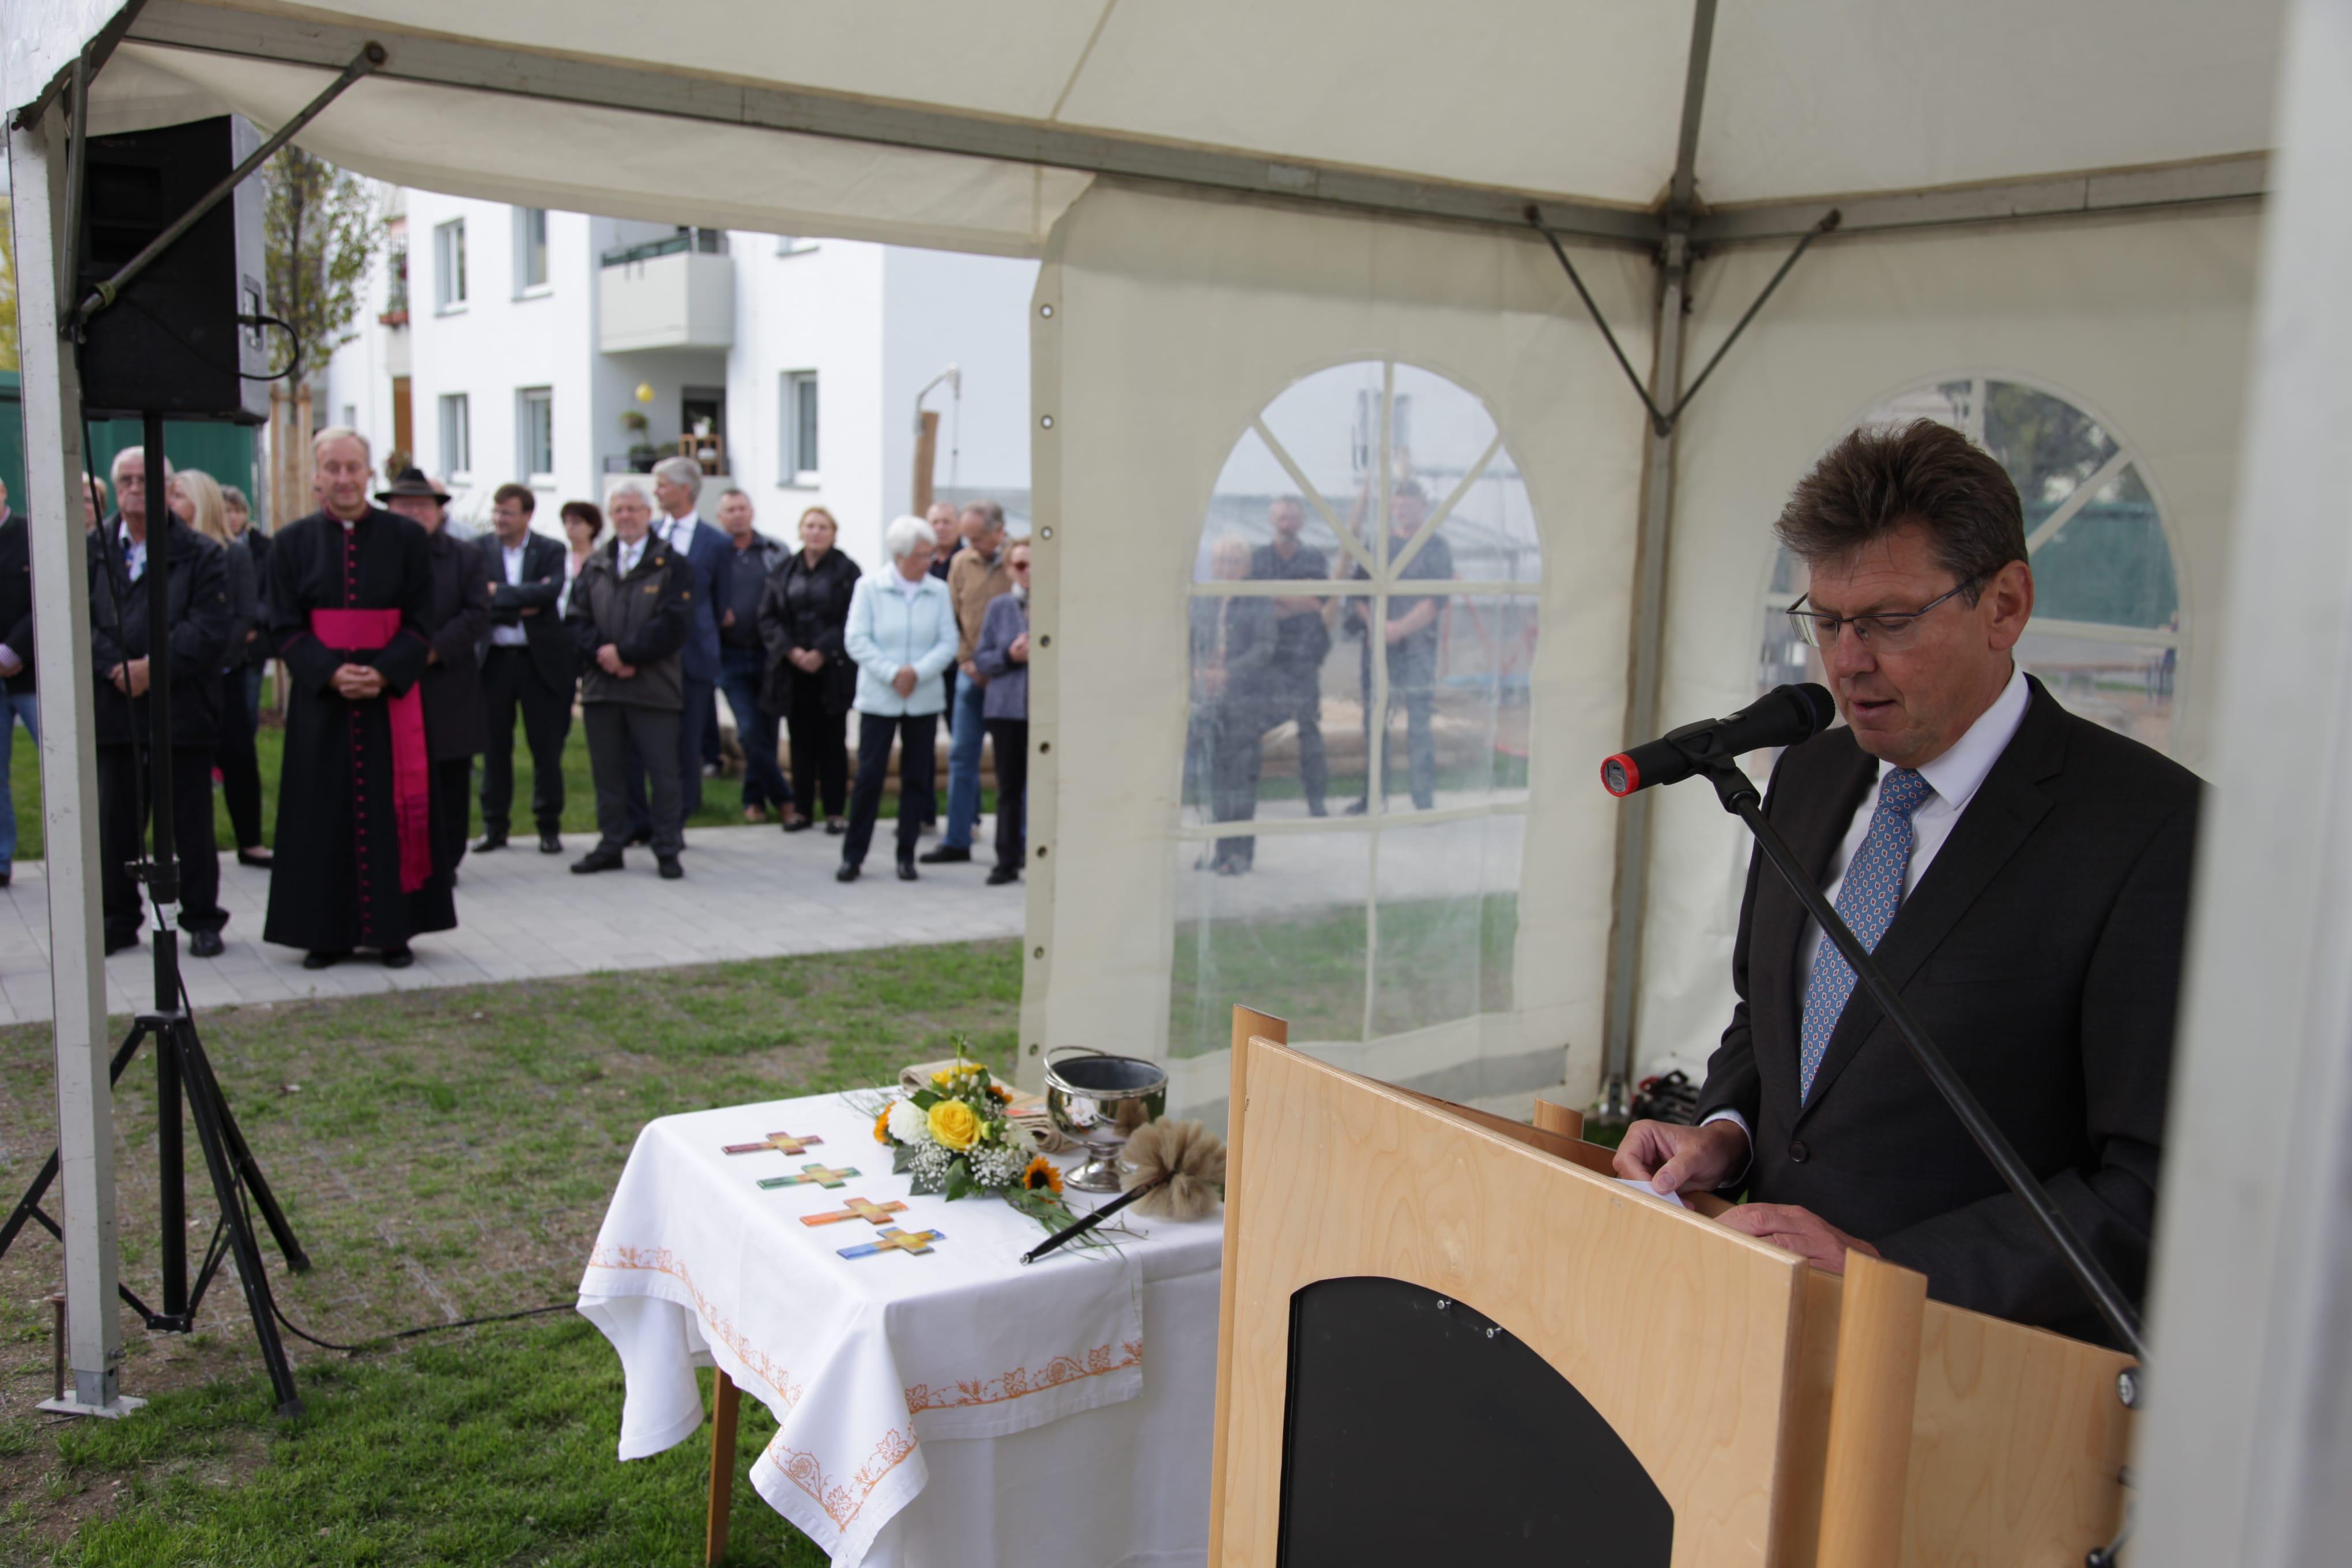 Bischöfliche Administration Regensburg